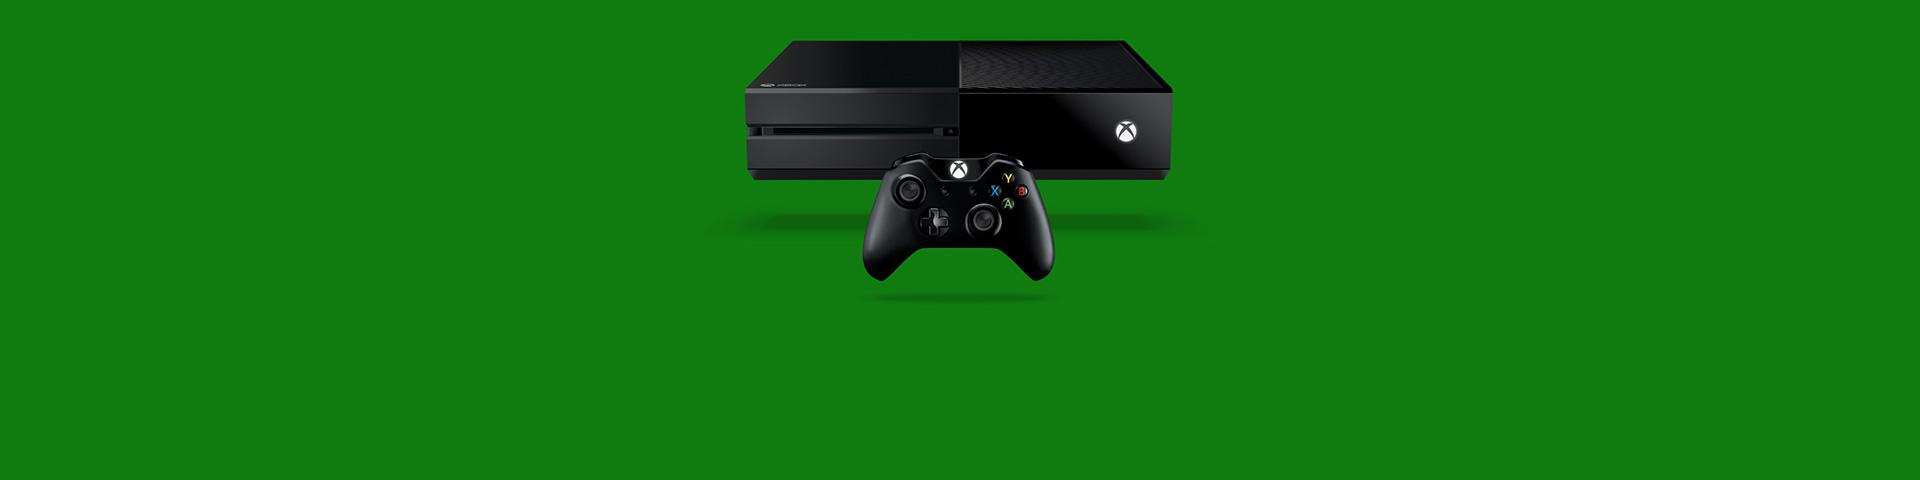 En Xbox One-konsol og -controller